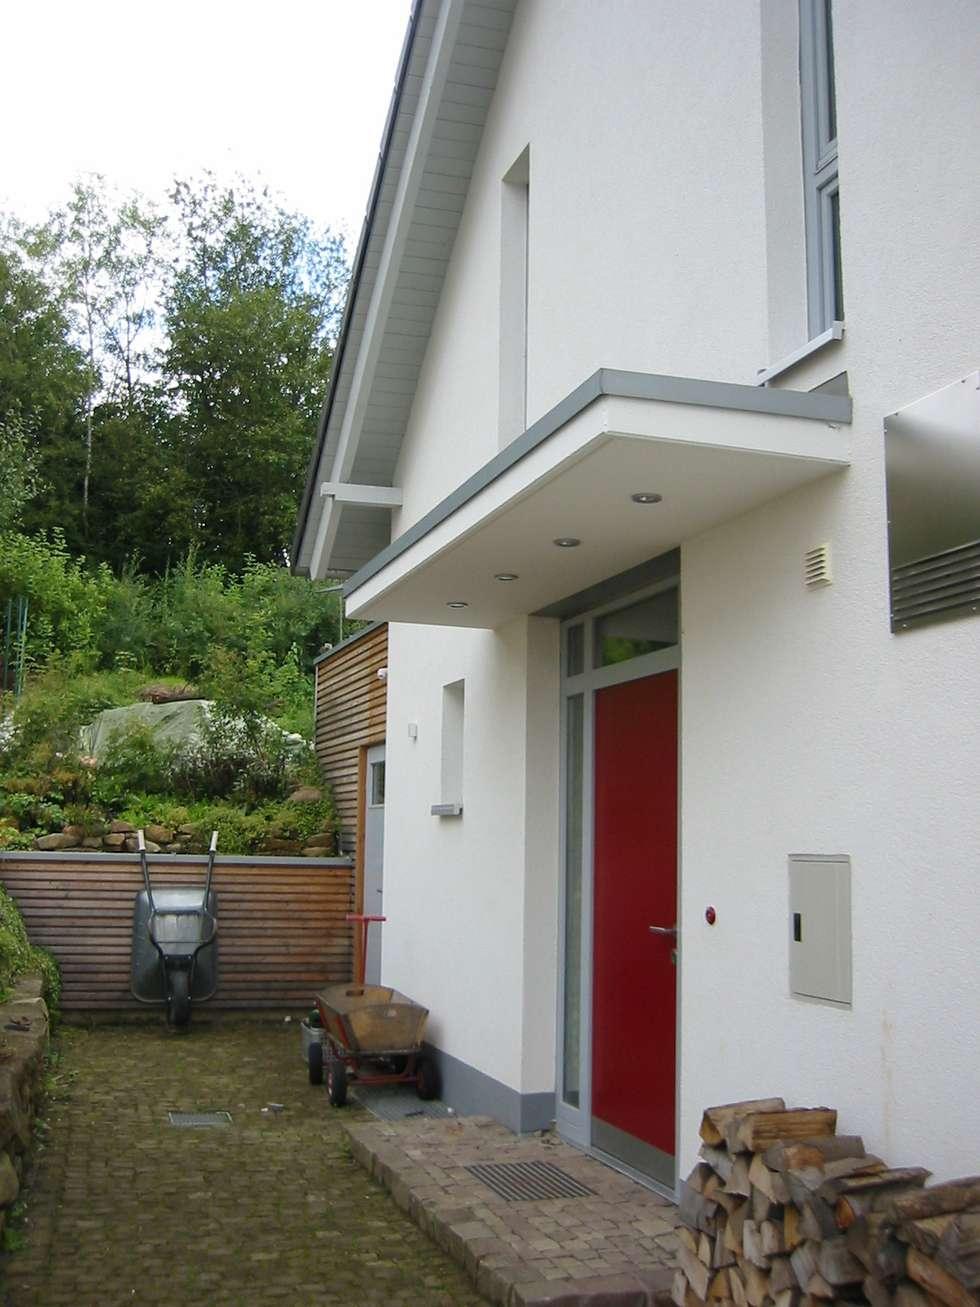 Einzigartig Moderne Hauseingänge Foto Von Eingang: Häuser Von ArchitekturbÜro Seipel